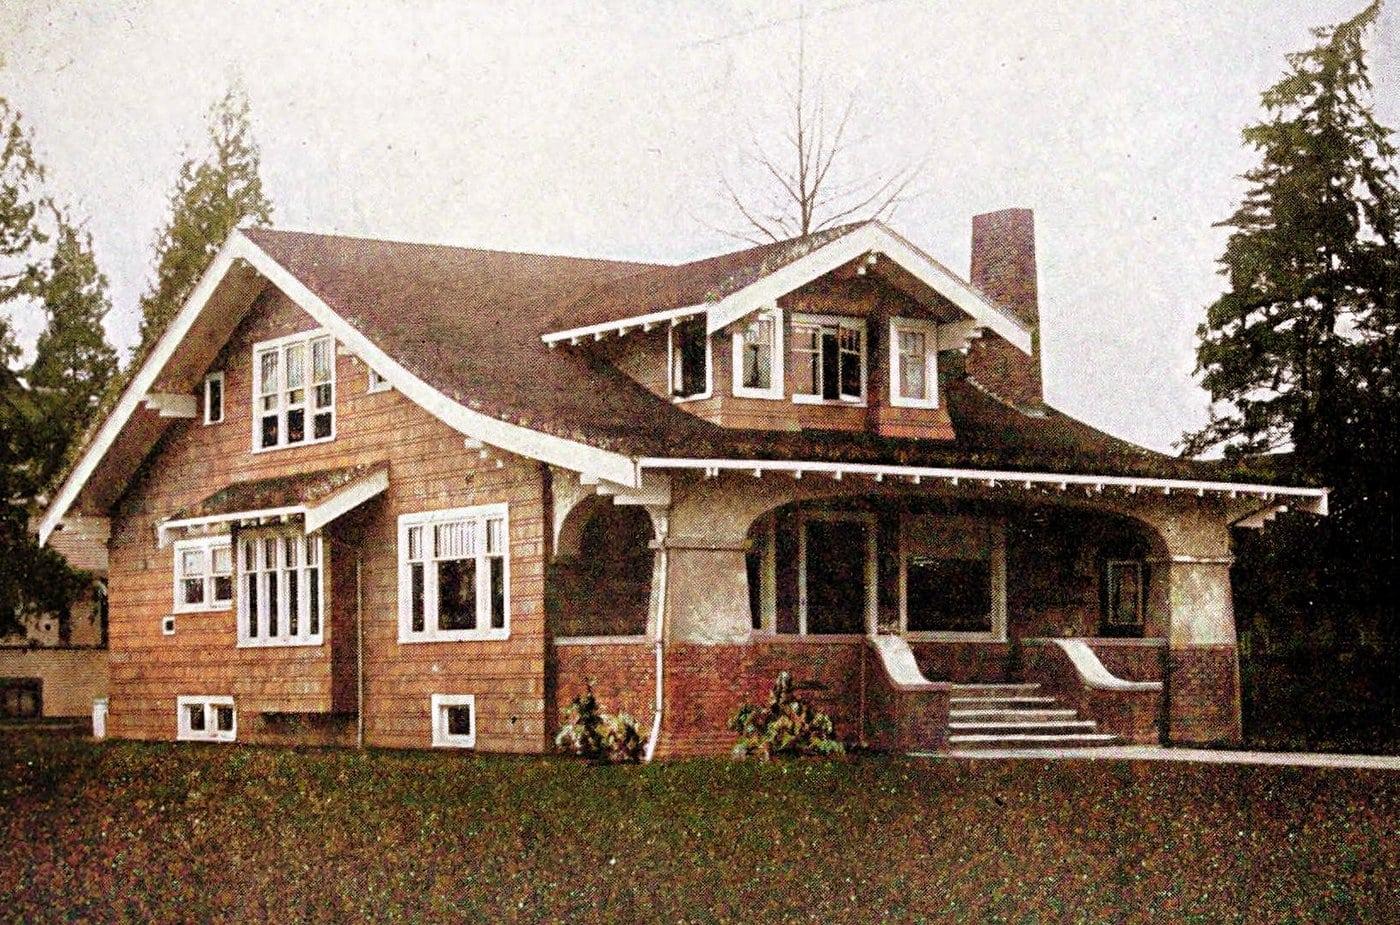 Popular vintage Craftsman home design (1912) Colorized photo